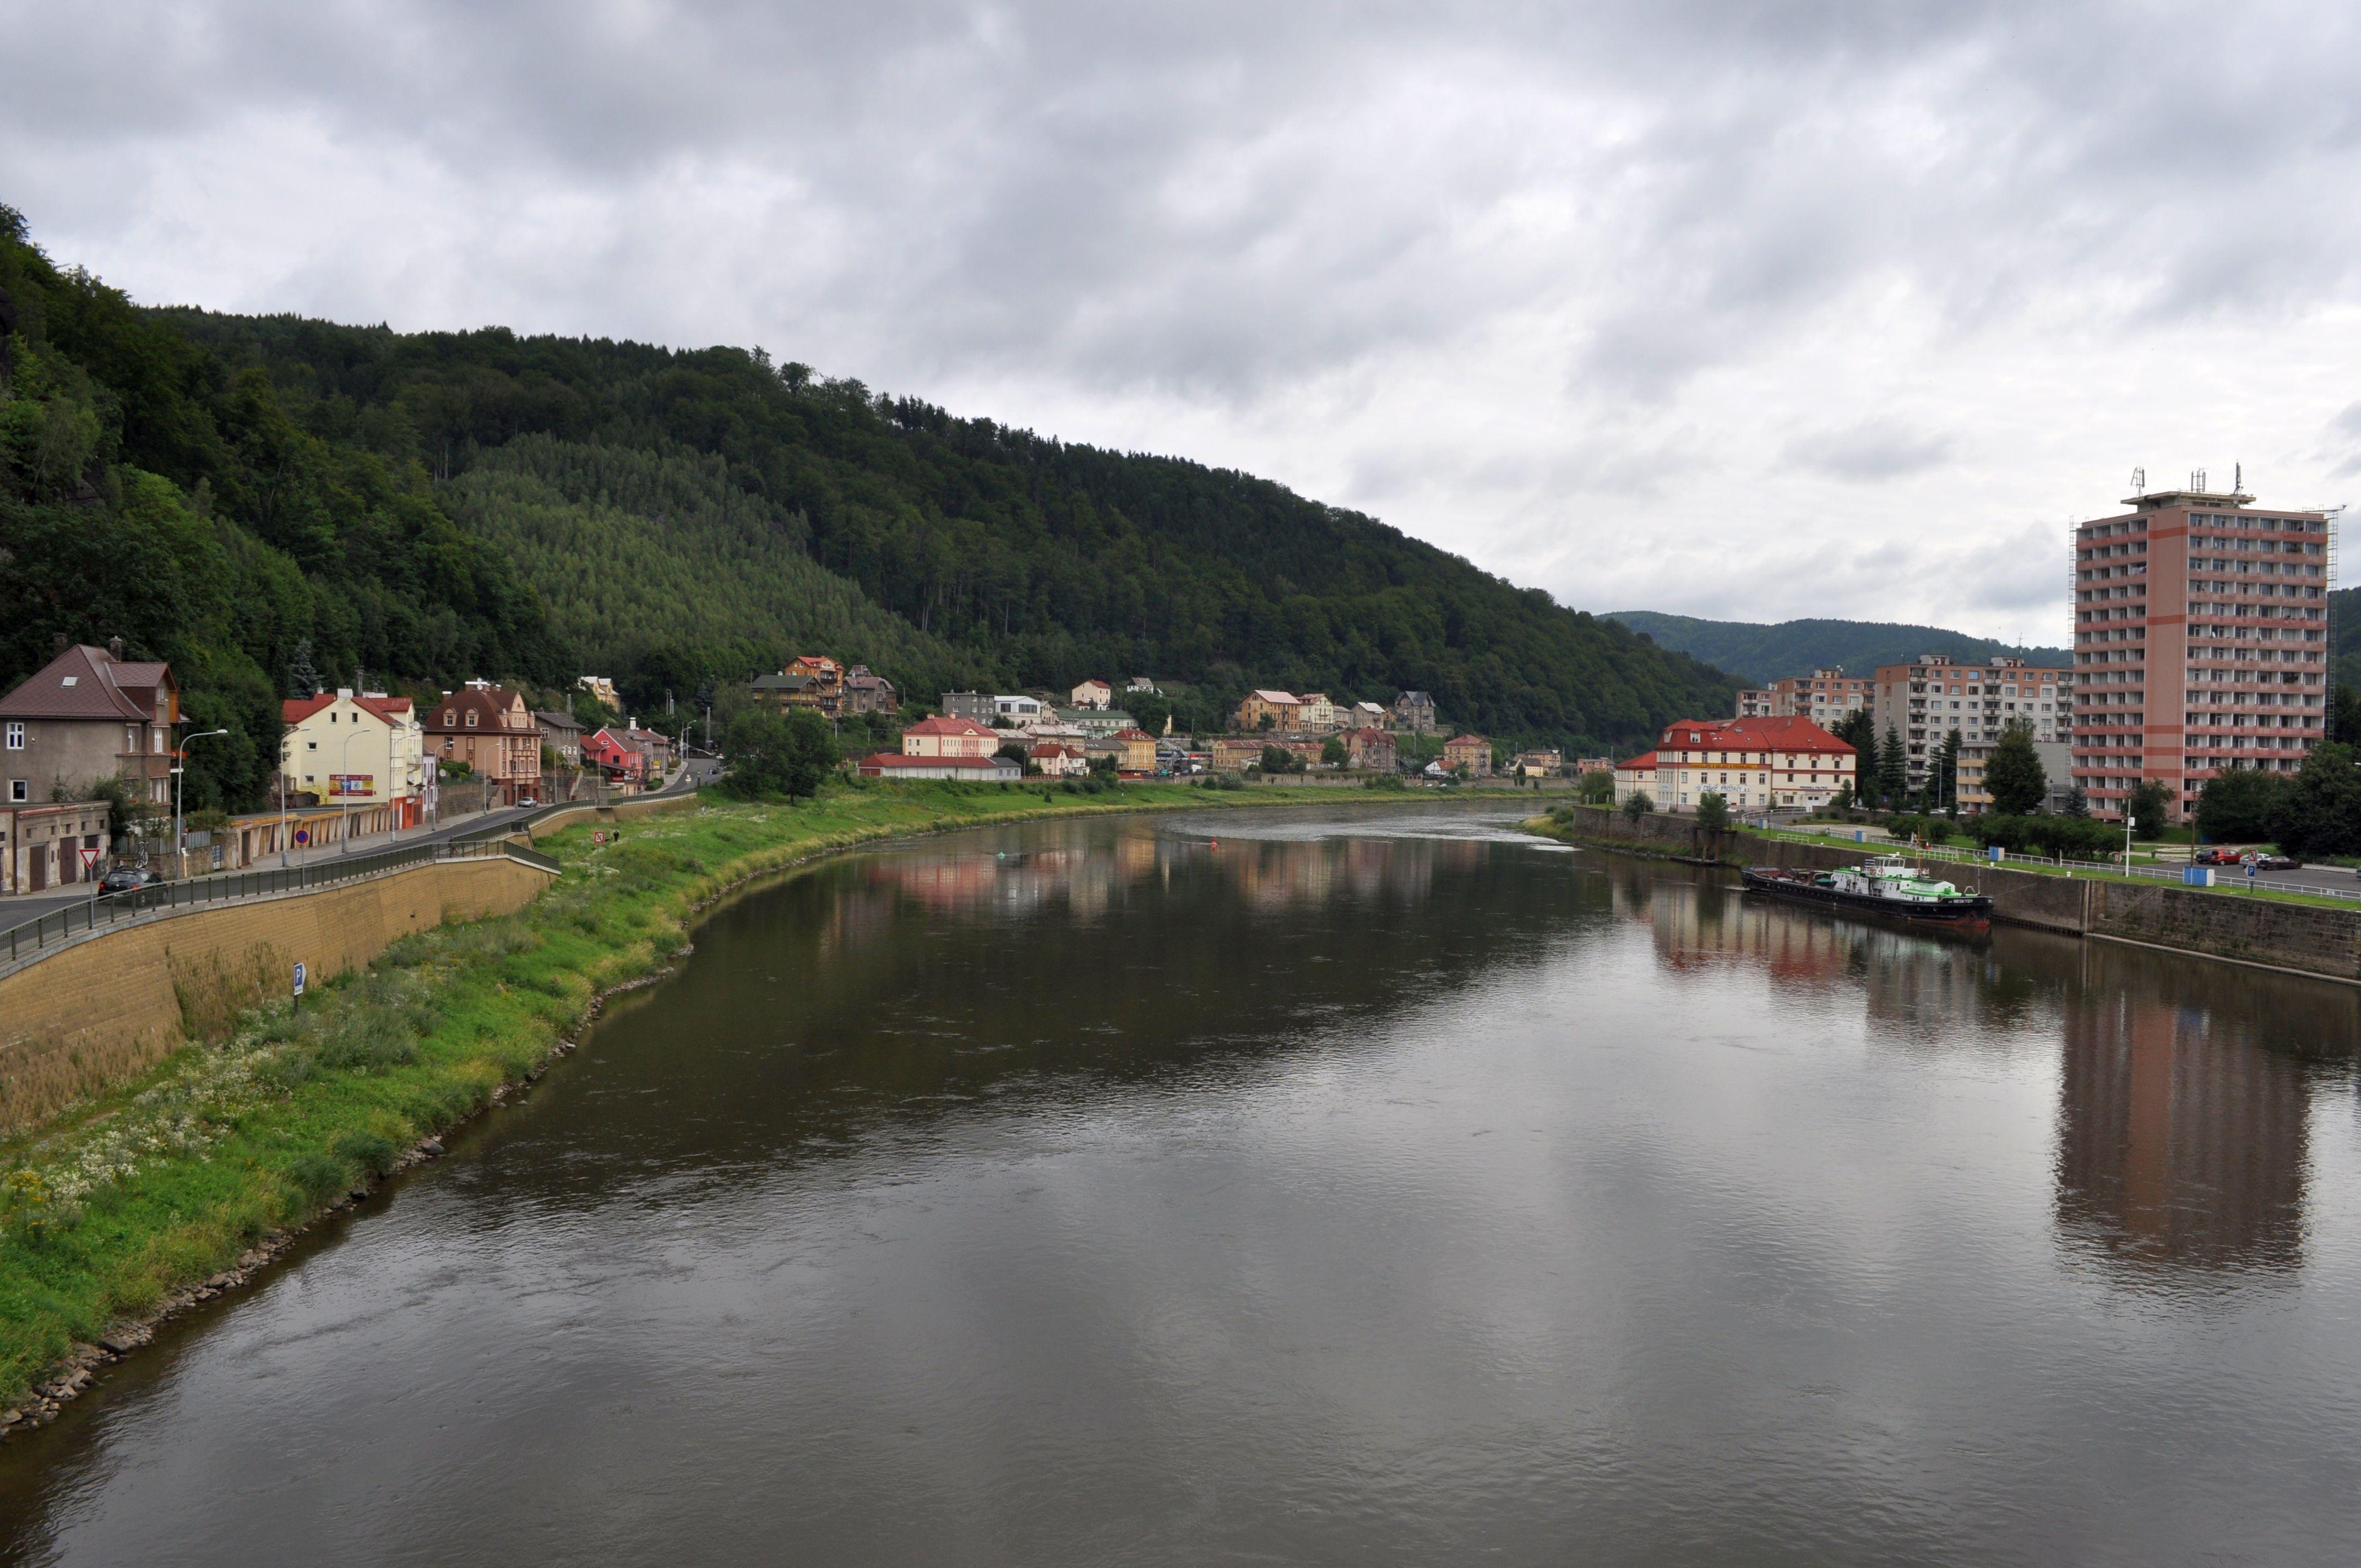 FileElbe River In Děčín Czech Republic Jpg Wikimedia Commons - Elbe river